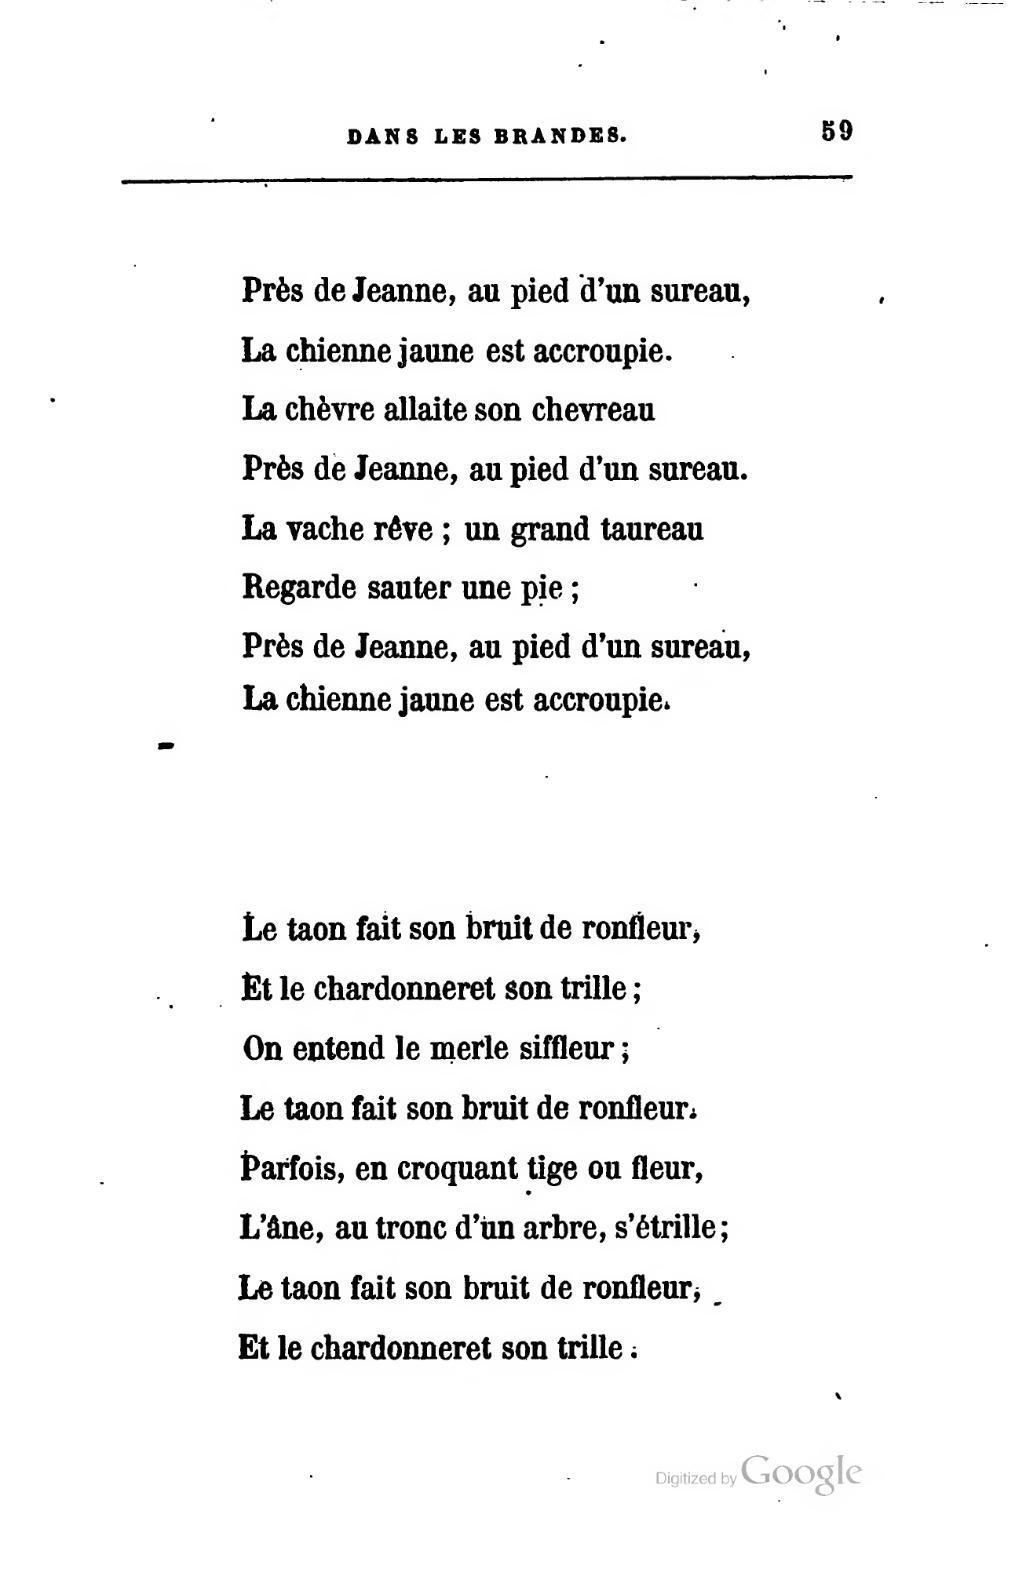 Page rollinat dans les brandes charpentier 1883 djvu - Bruit de la pie ...